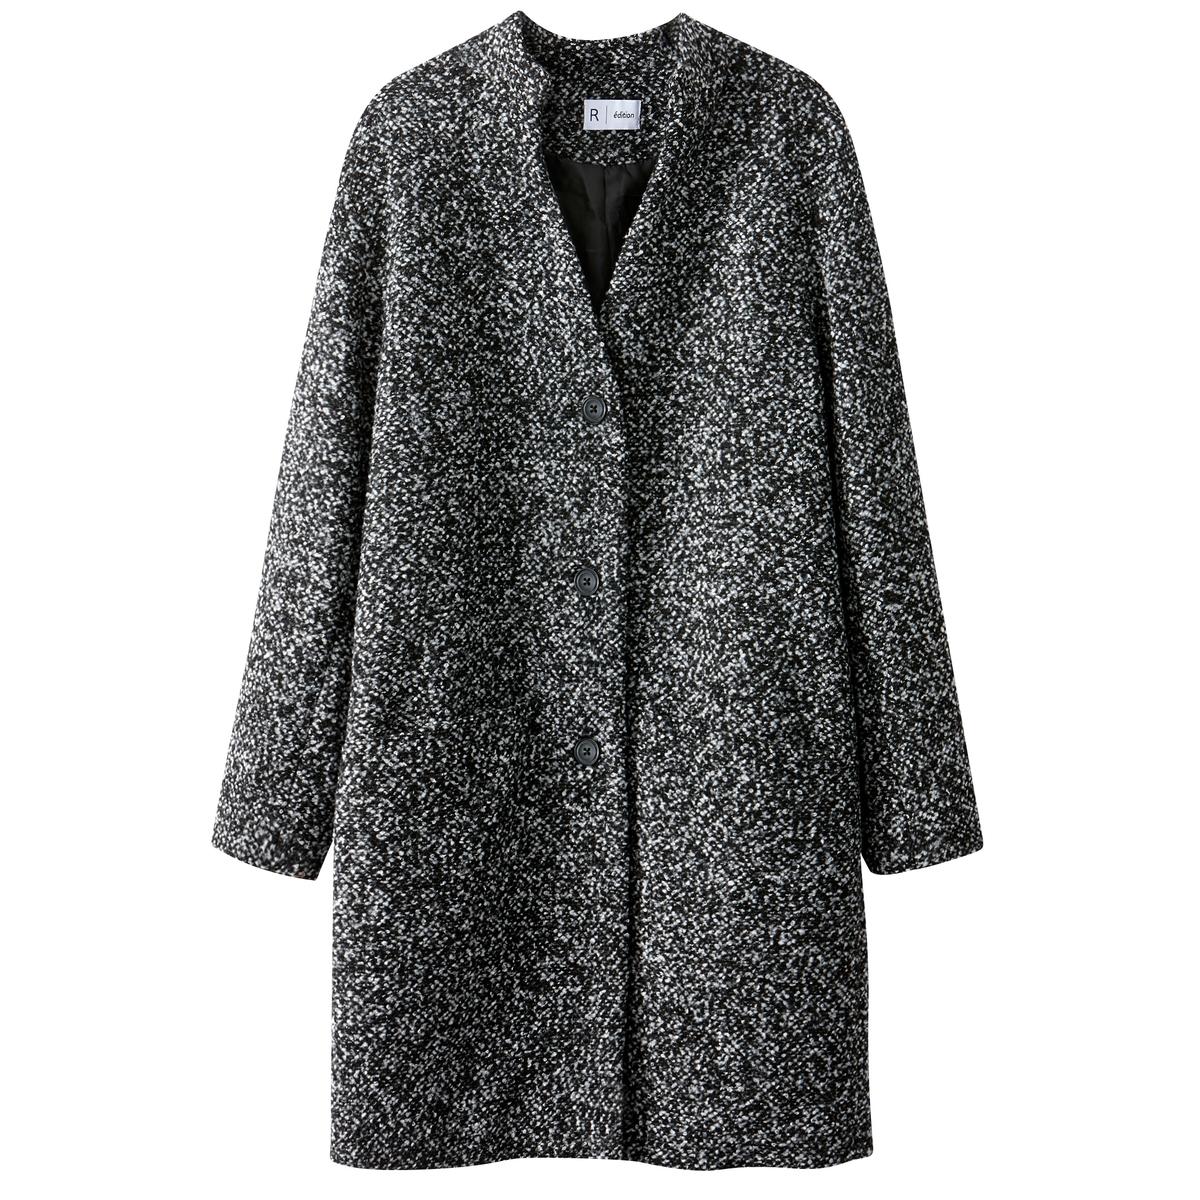 Пальто из меланжевой ткани, 50% шерсти.Описание:Пальто прямого покроя цвета серый меланж с застежкой на кнопки. Небольшой воротник-стойка. Карманы по бокам. Полностью на подкладке.Детали •  Длина : средняя •  Воротник-мао  •  Застежка на кнопкиСостав и уход •  2% вискозы, 7% шерсти, 13% акрила, 1% полиамида •  Температура стирки при 30° на деликатном режиме   •  Сухая чистка и отбеливатели запрещены •  Не использовать барабанную сушку   •  Не гладить •  Длина : 92 см<br><br>Цвет: серый<br>Размер: 34 (FR) - 40 (RUS).42 (FR) - 48 (RUS).52 (FR) - 58 (RUS)